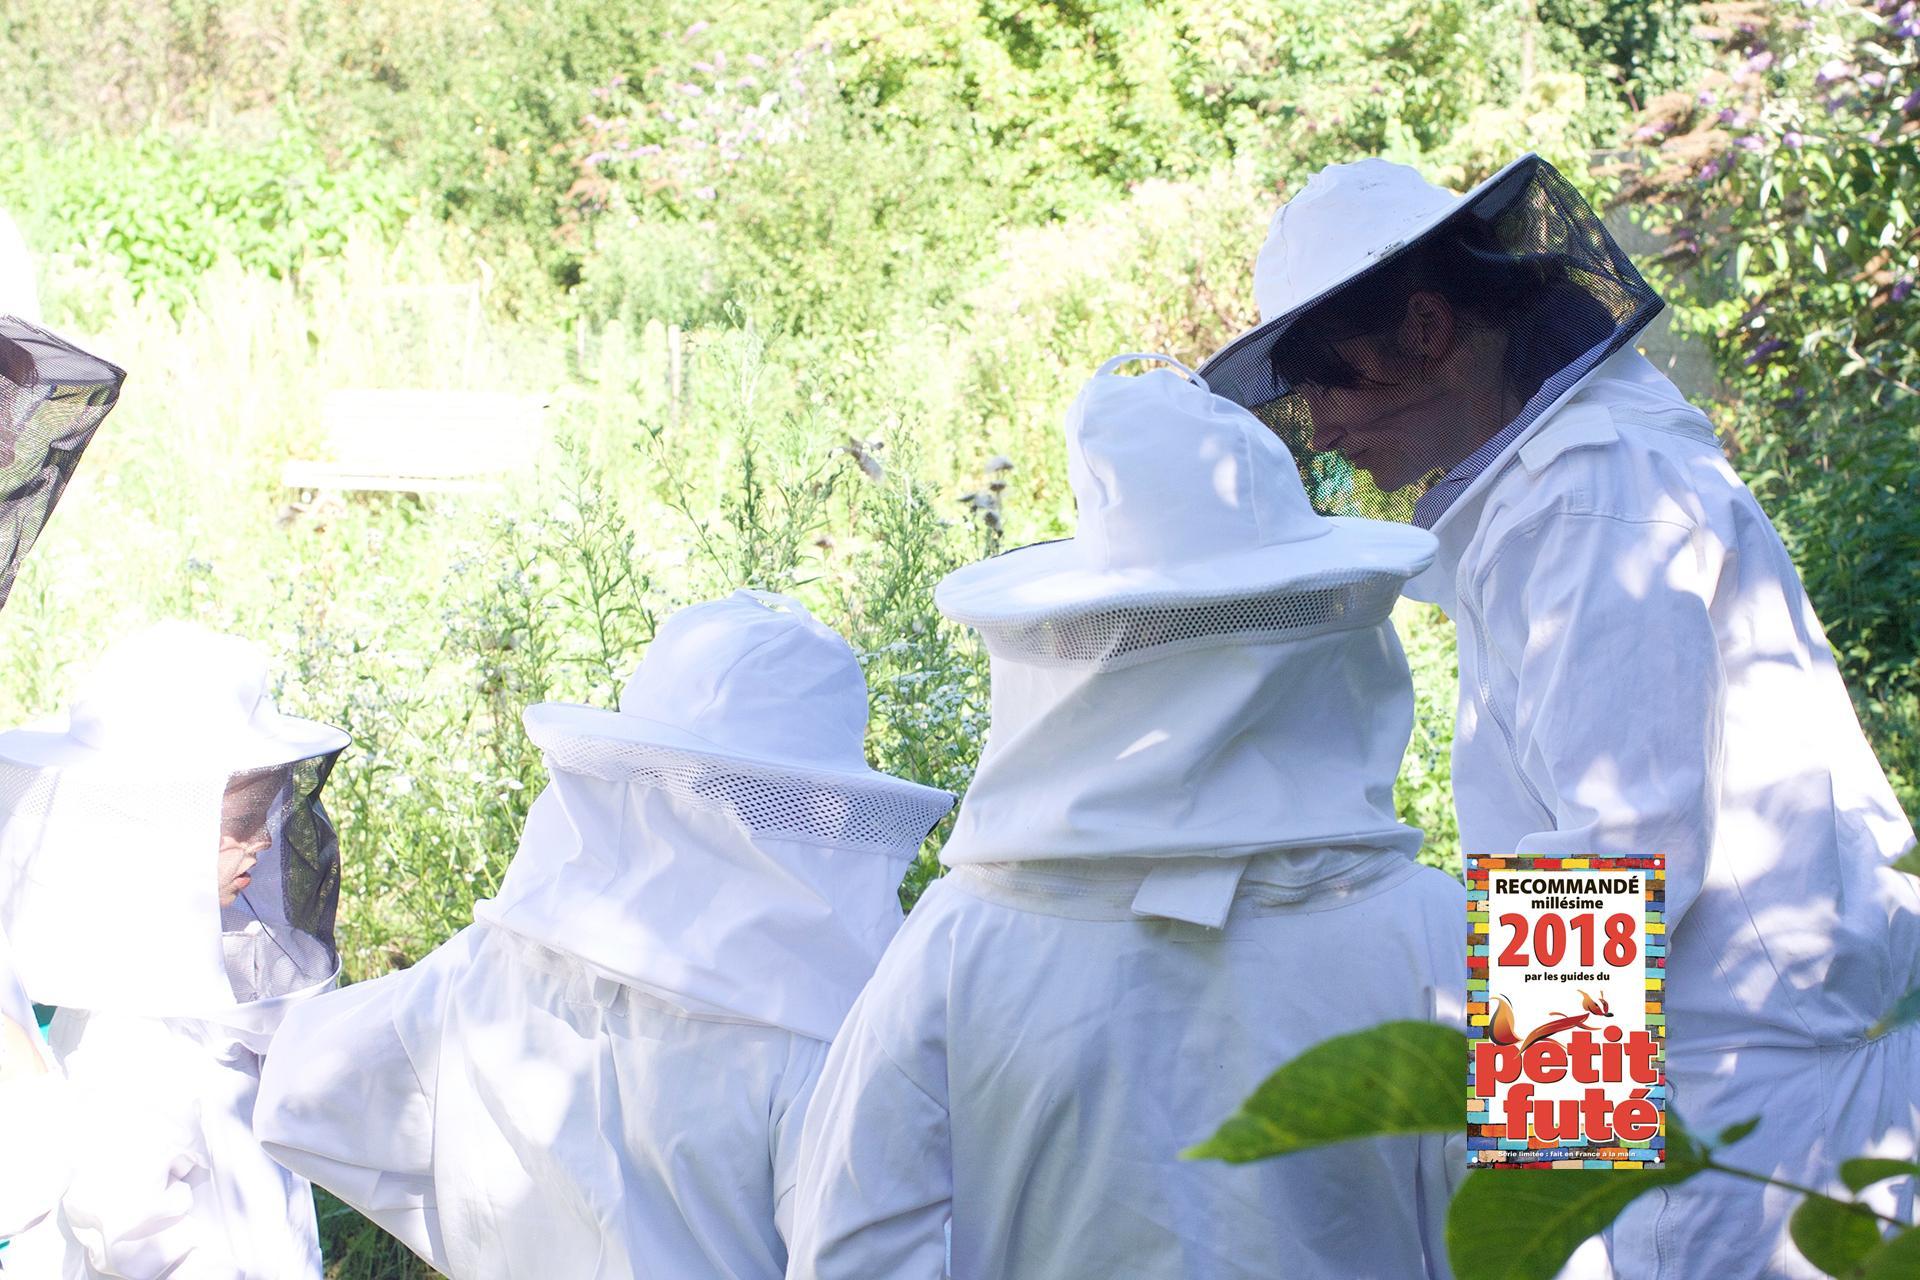 Visite du rucher. Une activité référencée par le Petit Futé.